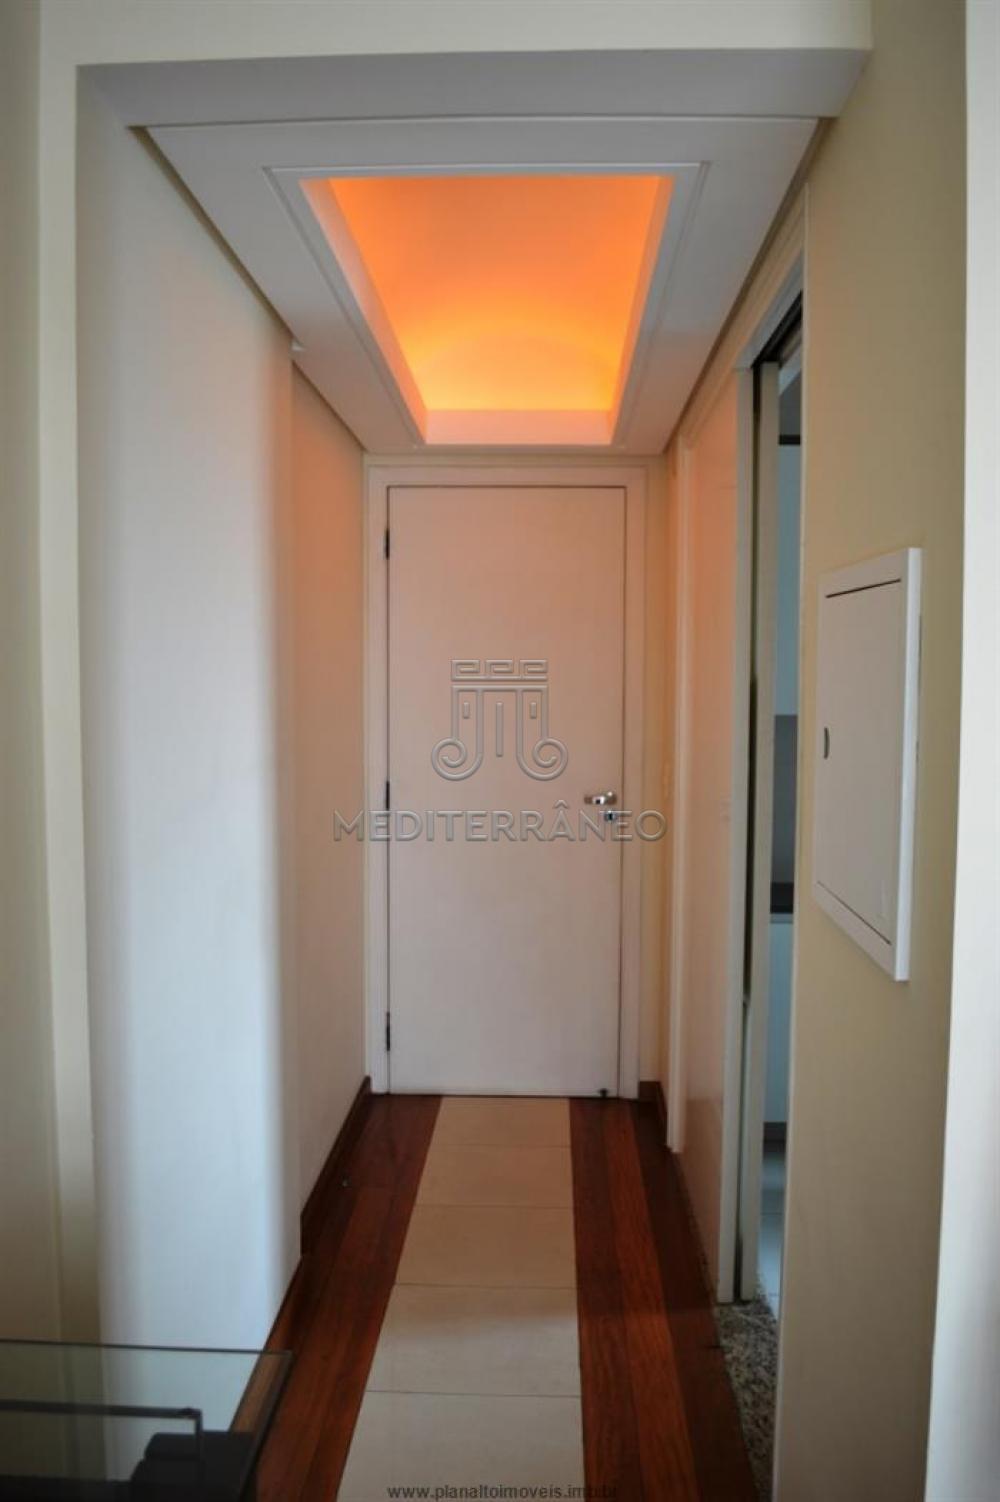 Comprar Apartamento / Padrão em Jundiaí apenas R$ 430.000,00 - Foto 14